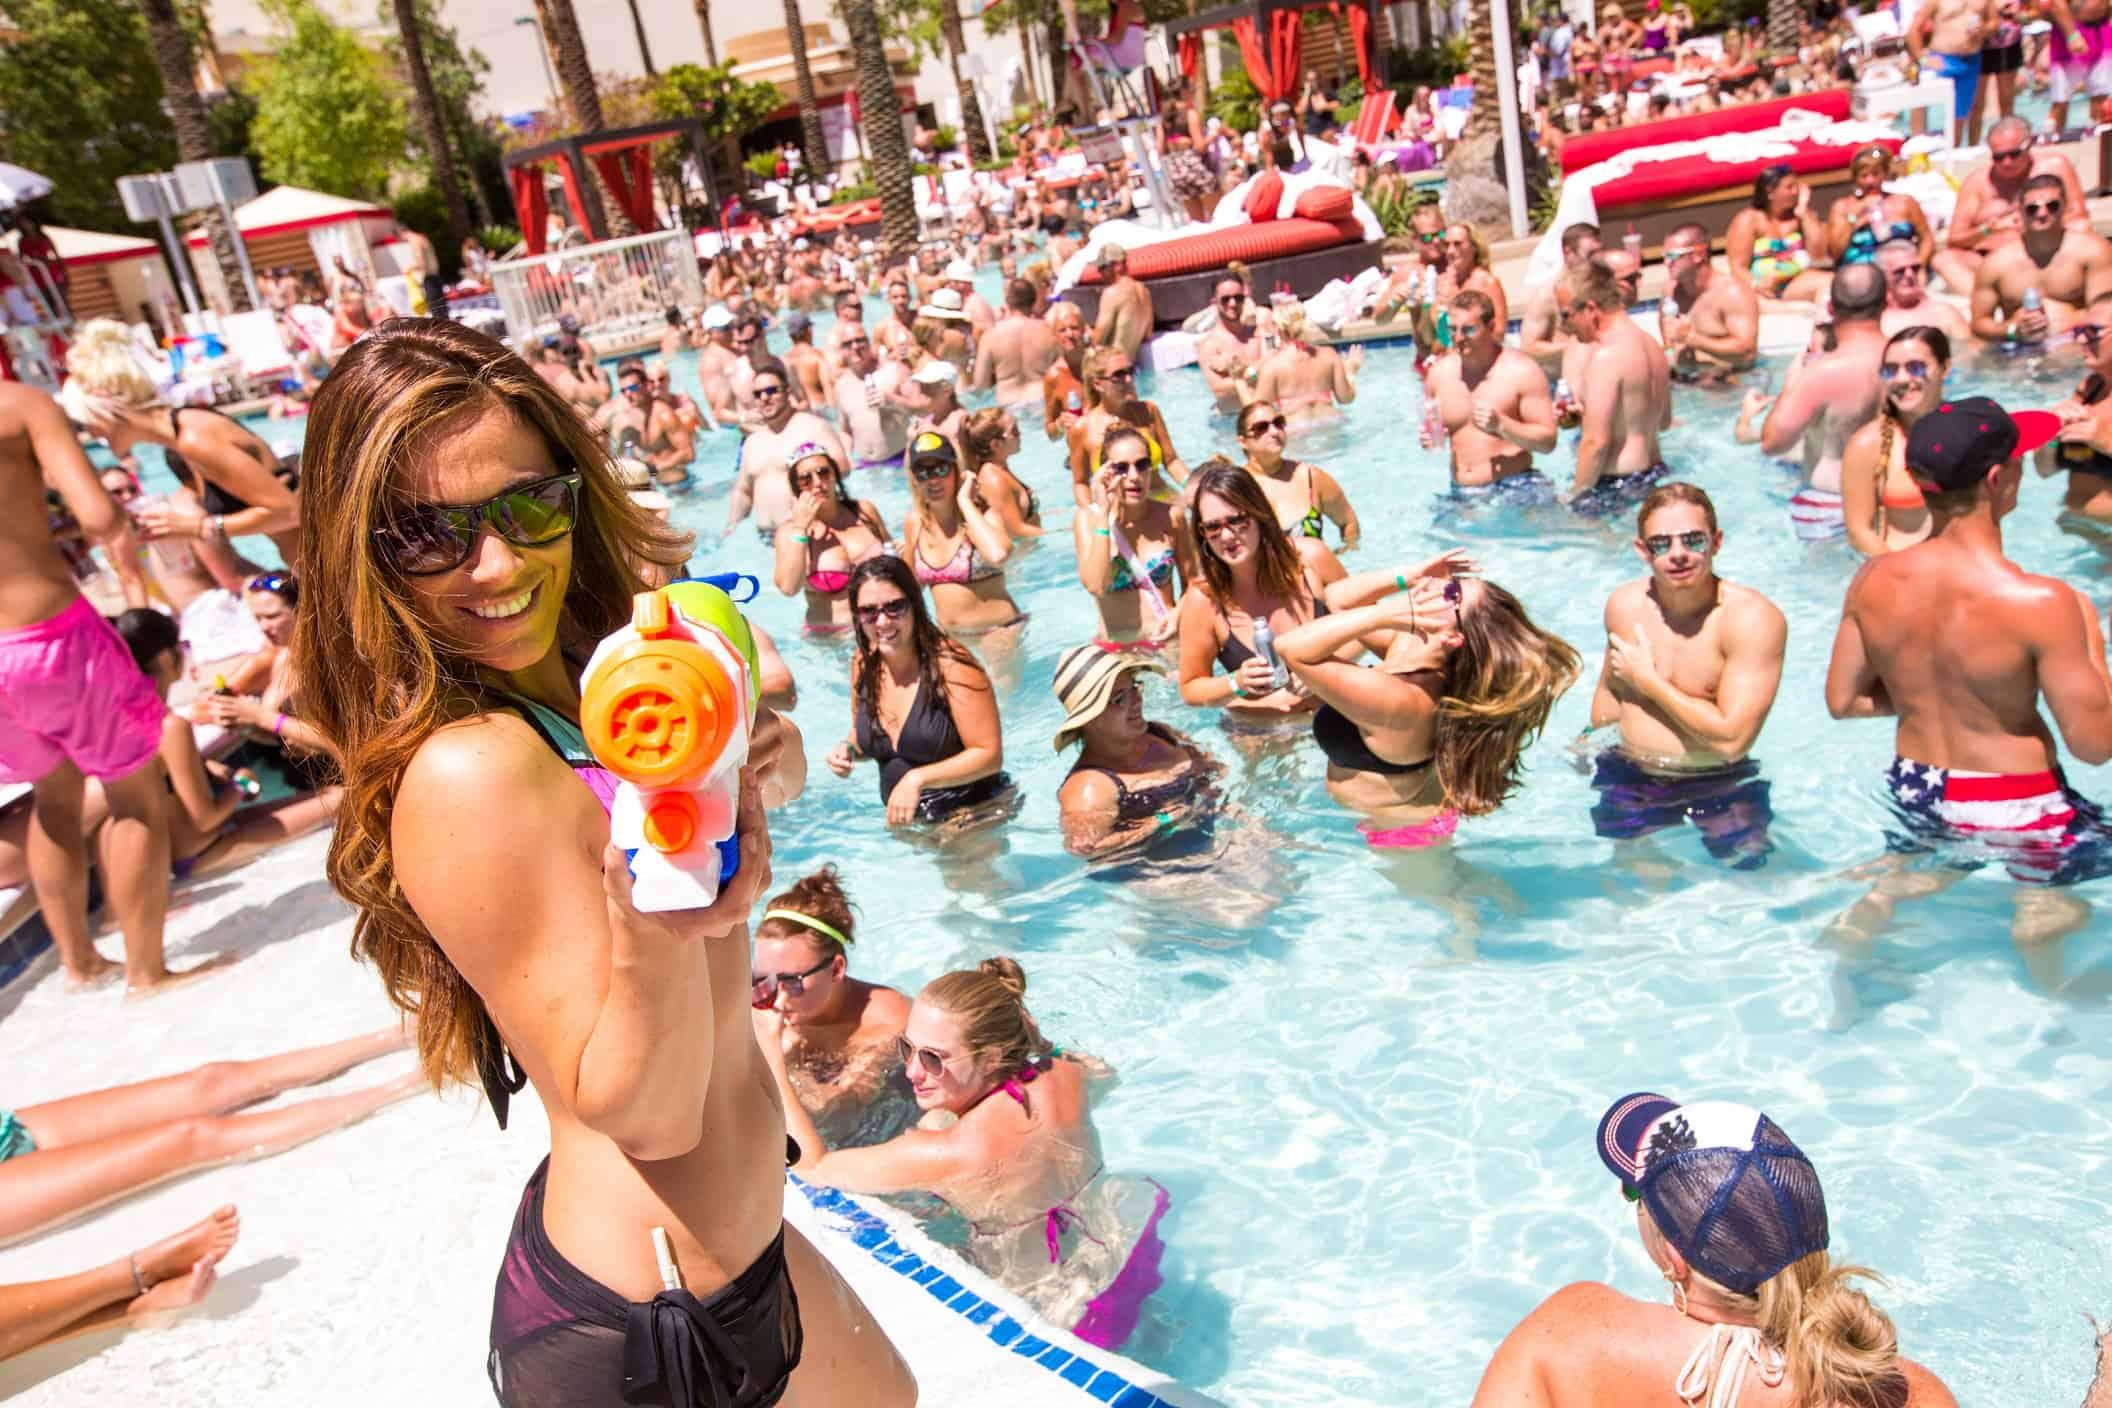 Best hotels in las vegas for pool parties